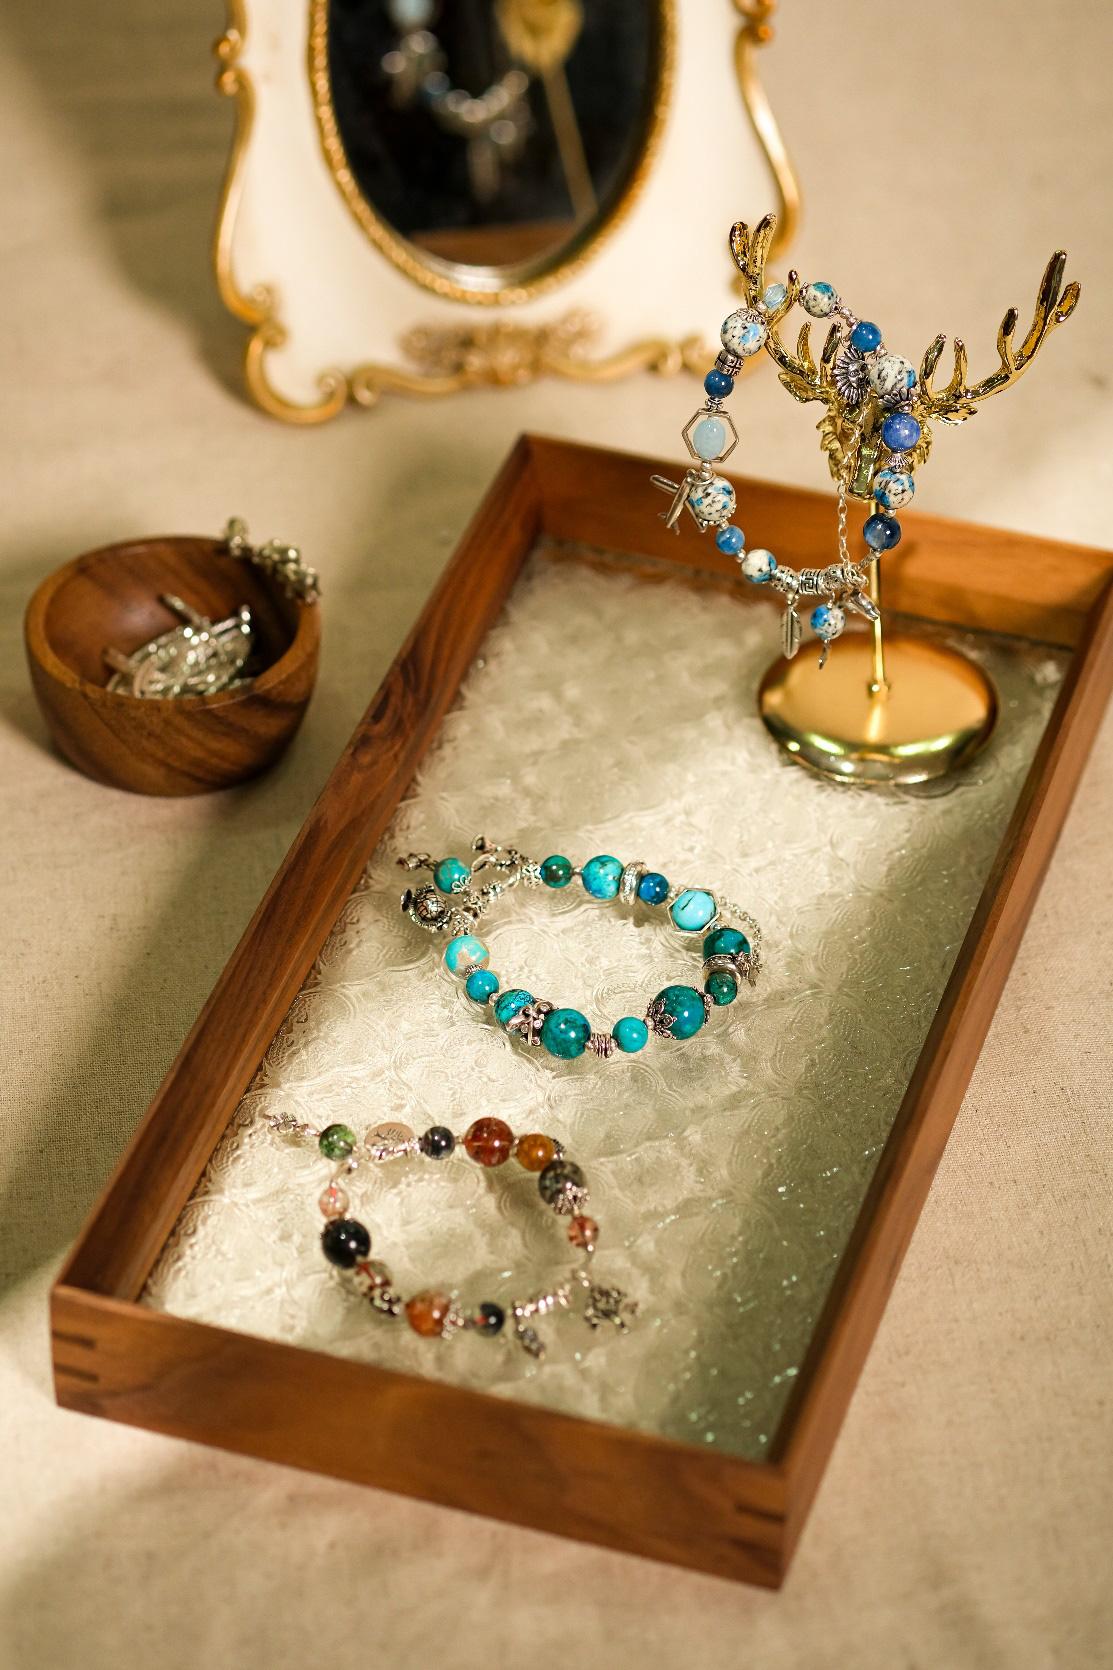 Tiệm Đá Hoa Cúc – Tiệm đá trang sức với 60 loại đá quý thiên nhiên không xử lý - Ảnh 1.